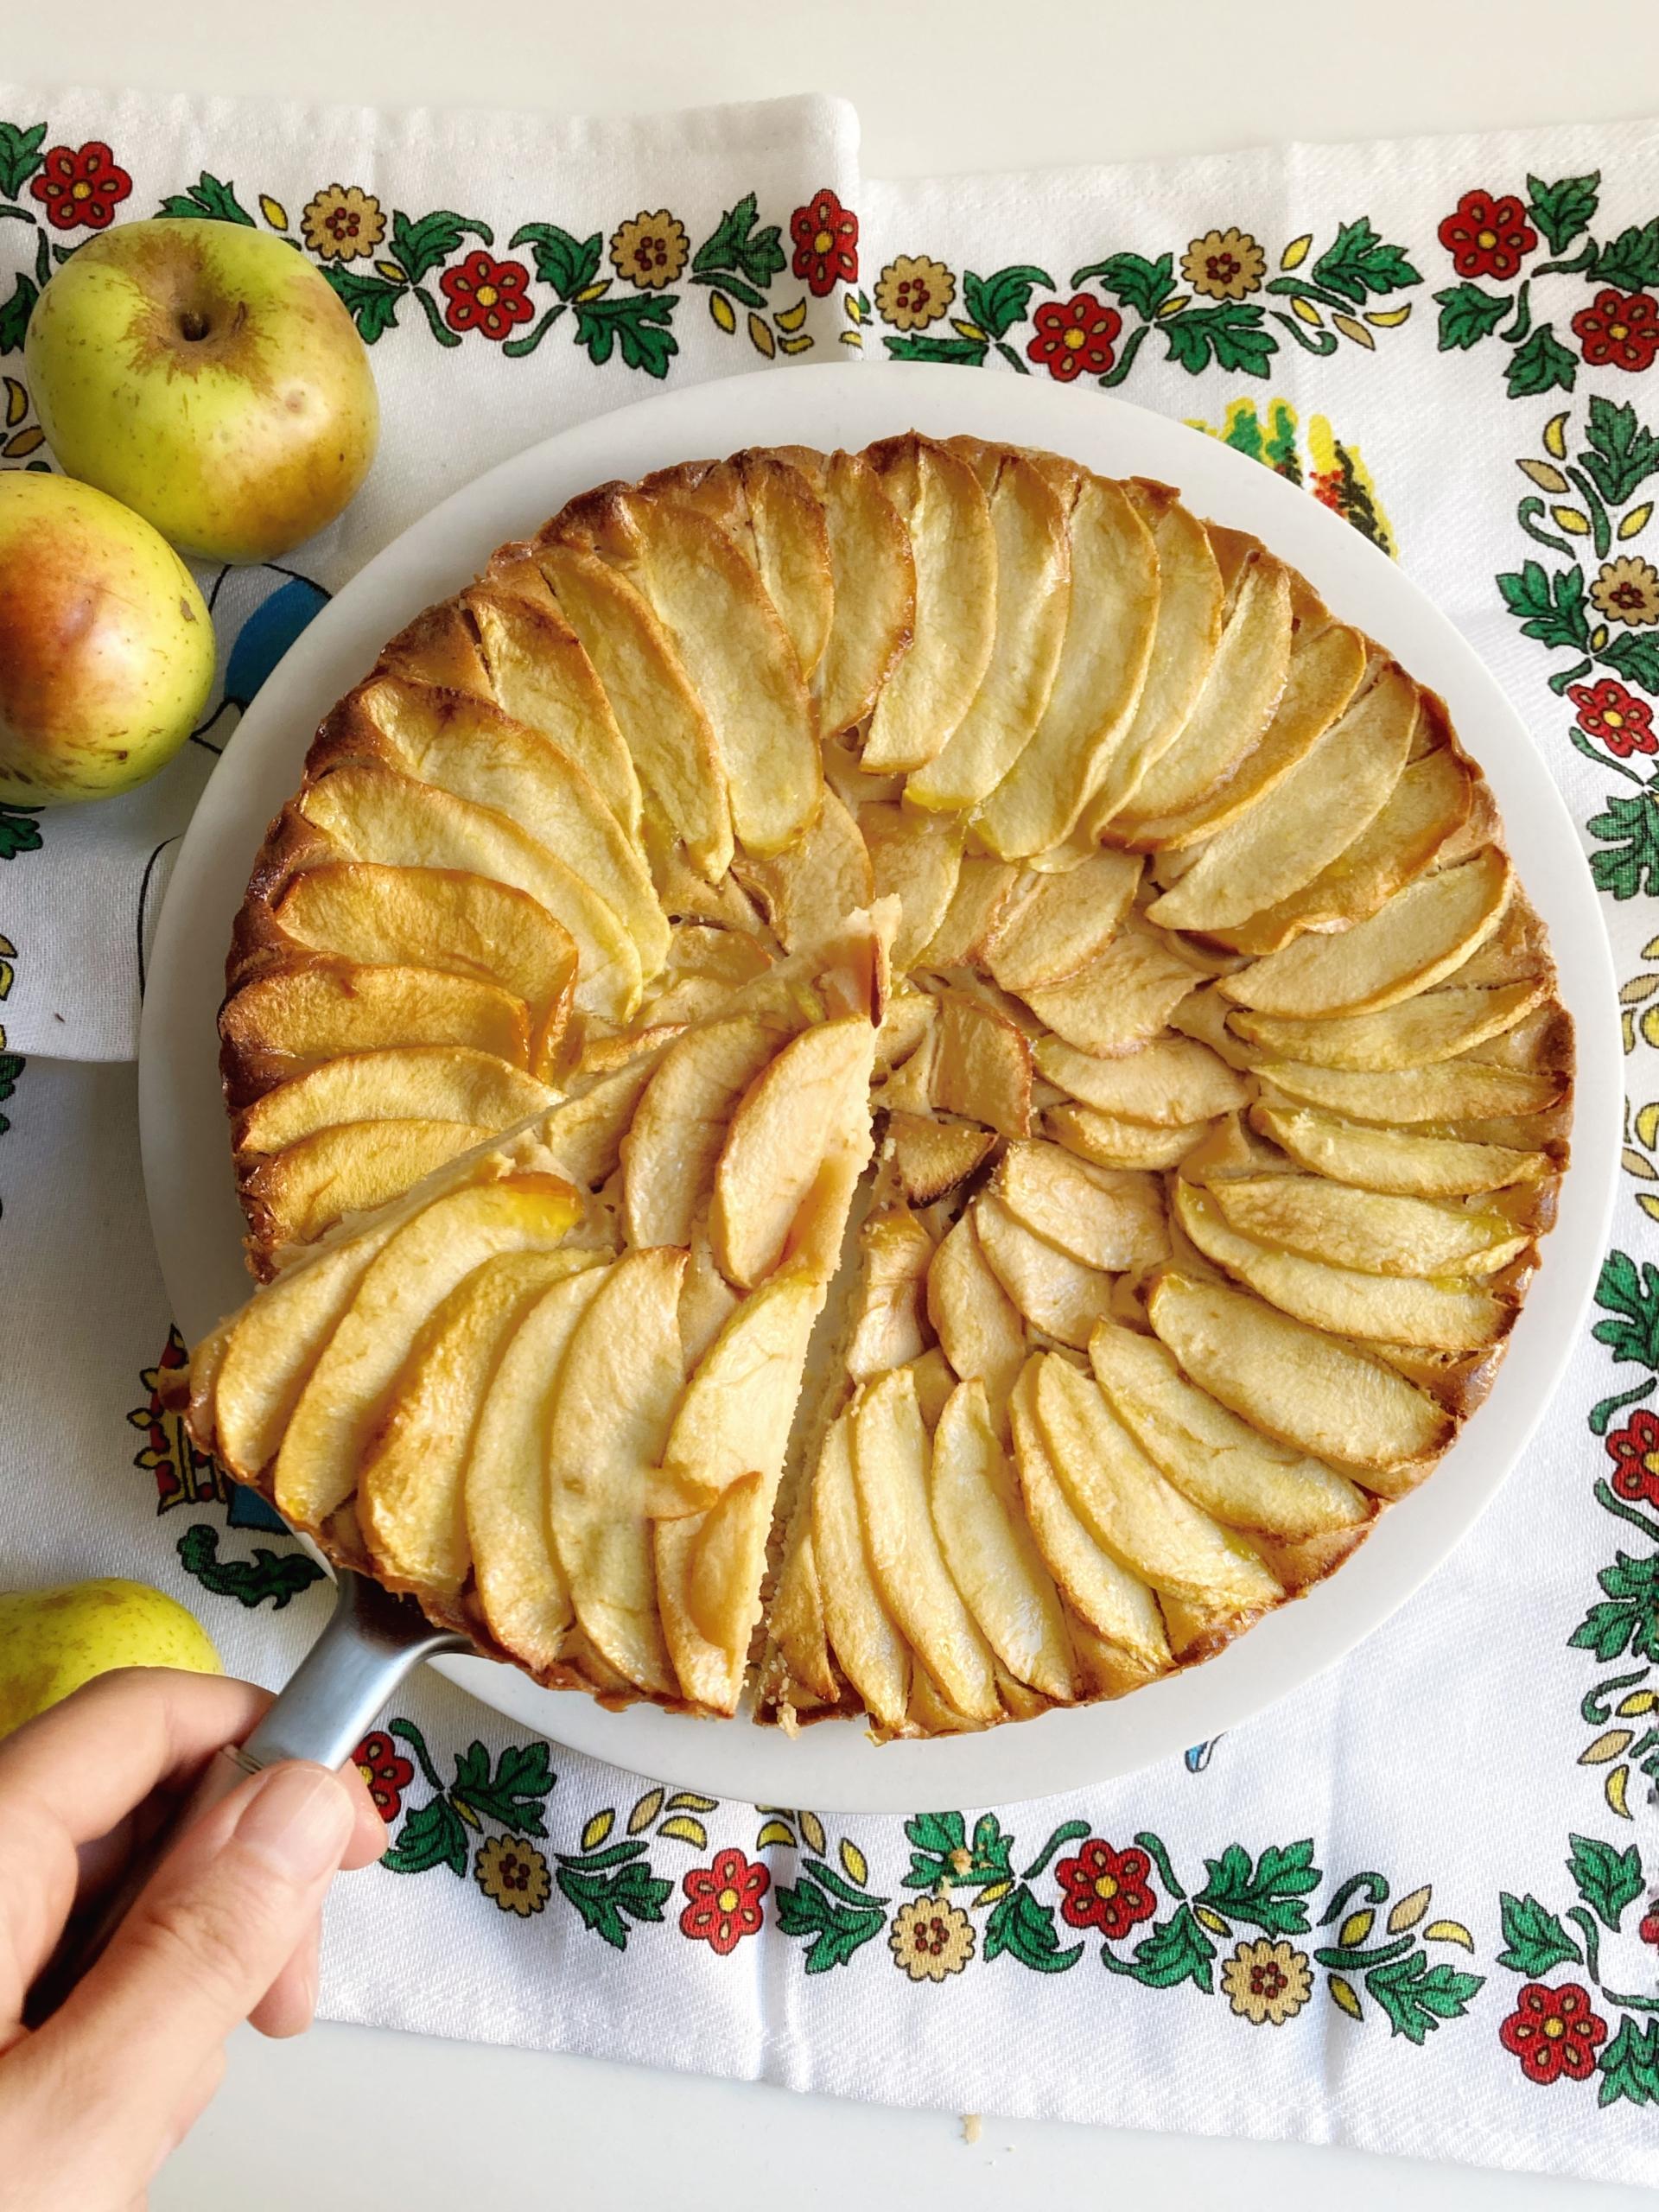 La receta tradicional de la tarta de manzanas